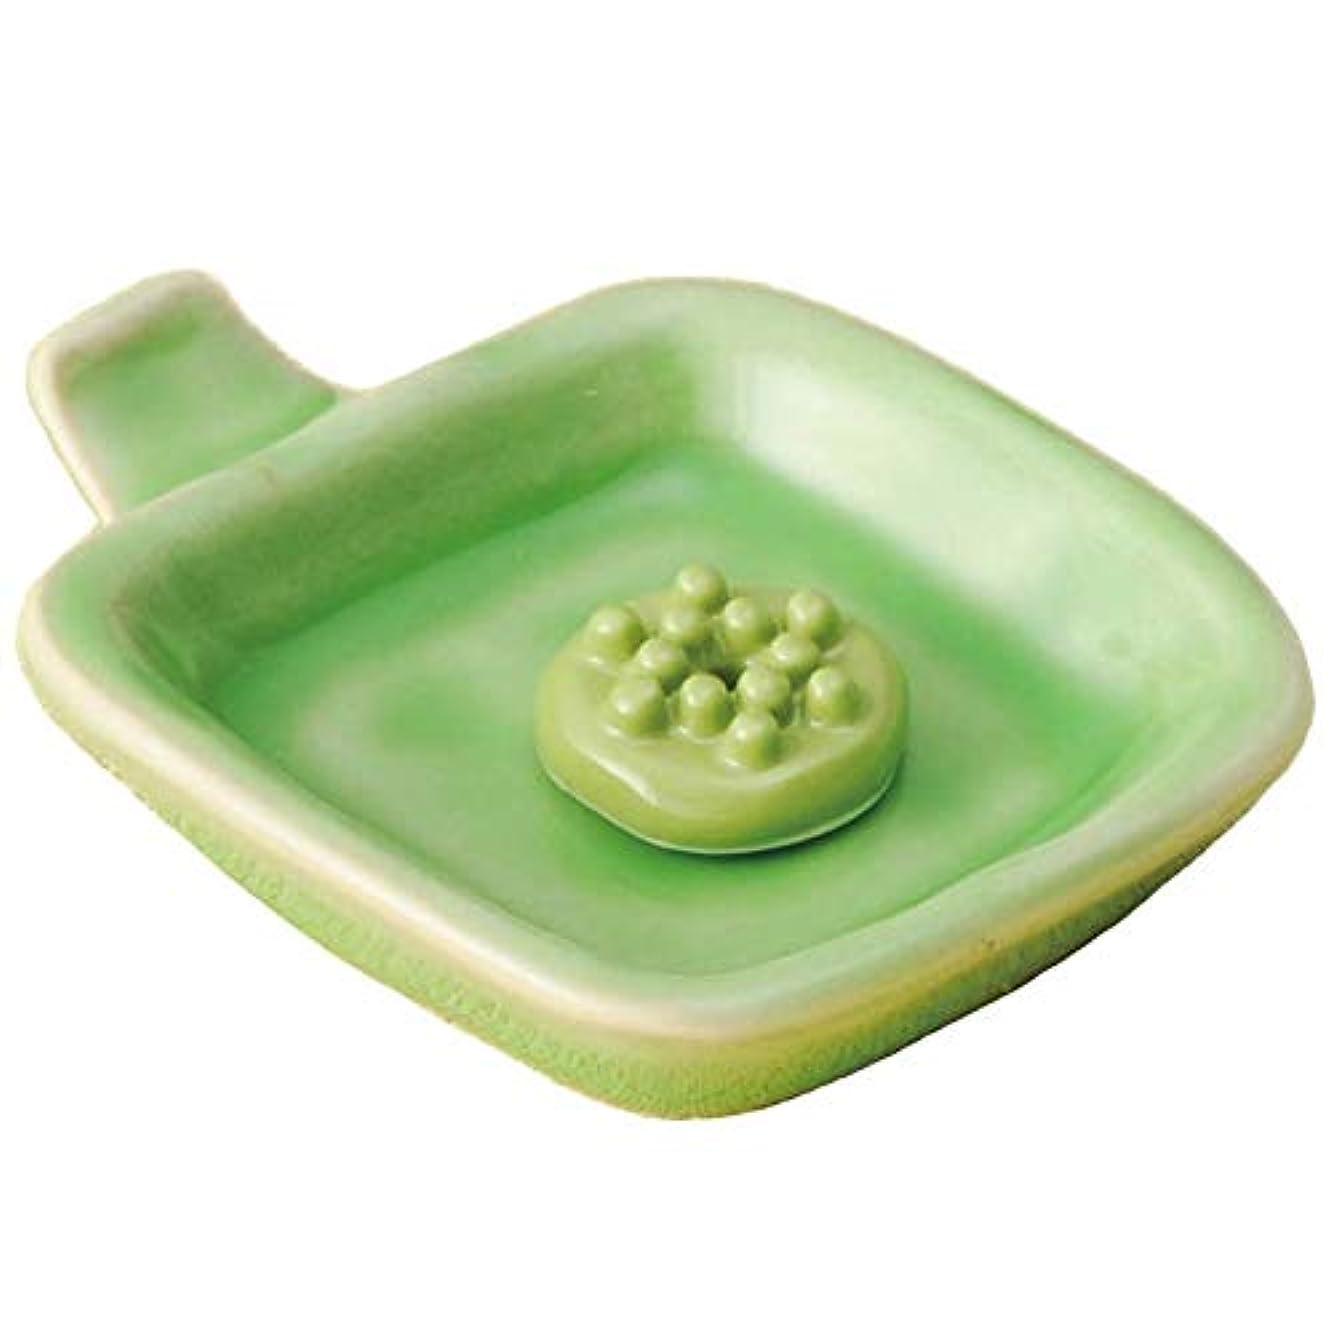 ダイバー月トチの実の木香皿 香立て/手付 角香皿 緑(香玉付) /香り アロマ 癒やし リラックス インテリア プレゼント 贈り物